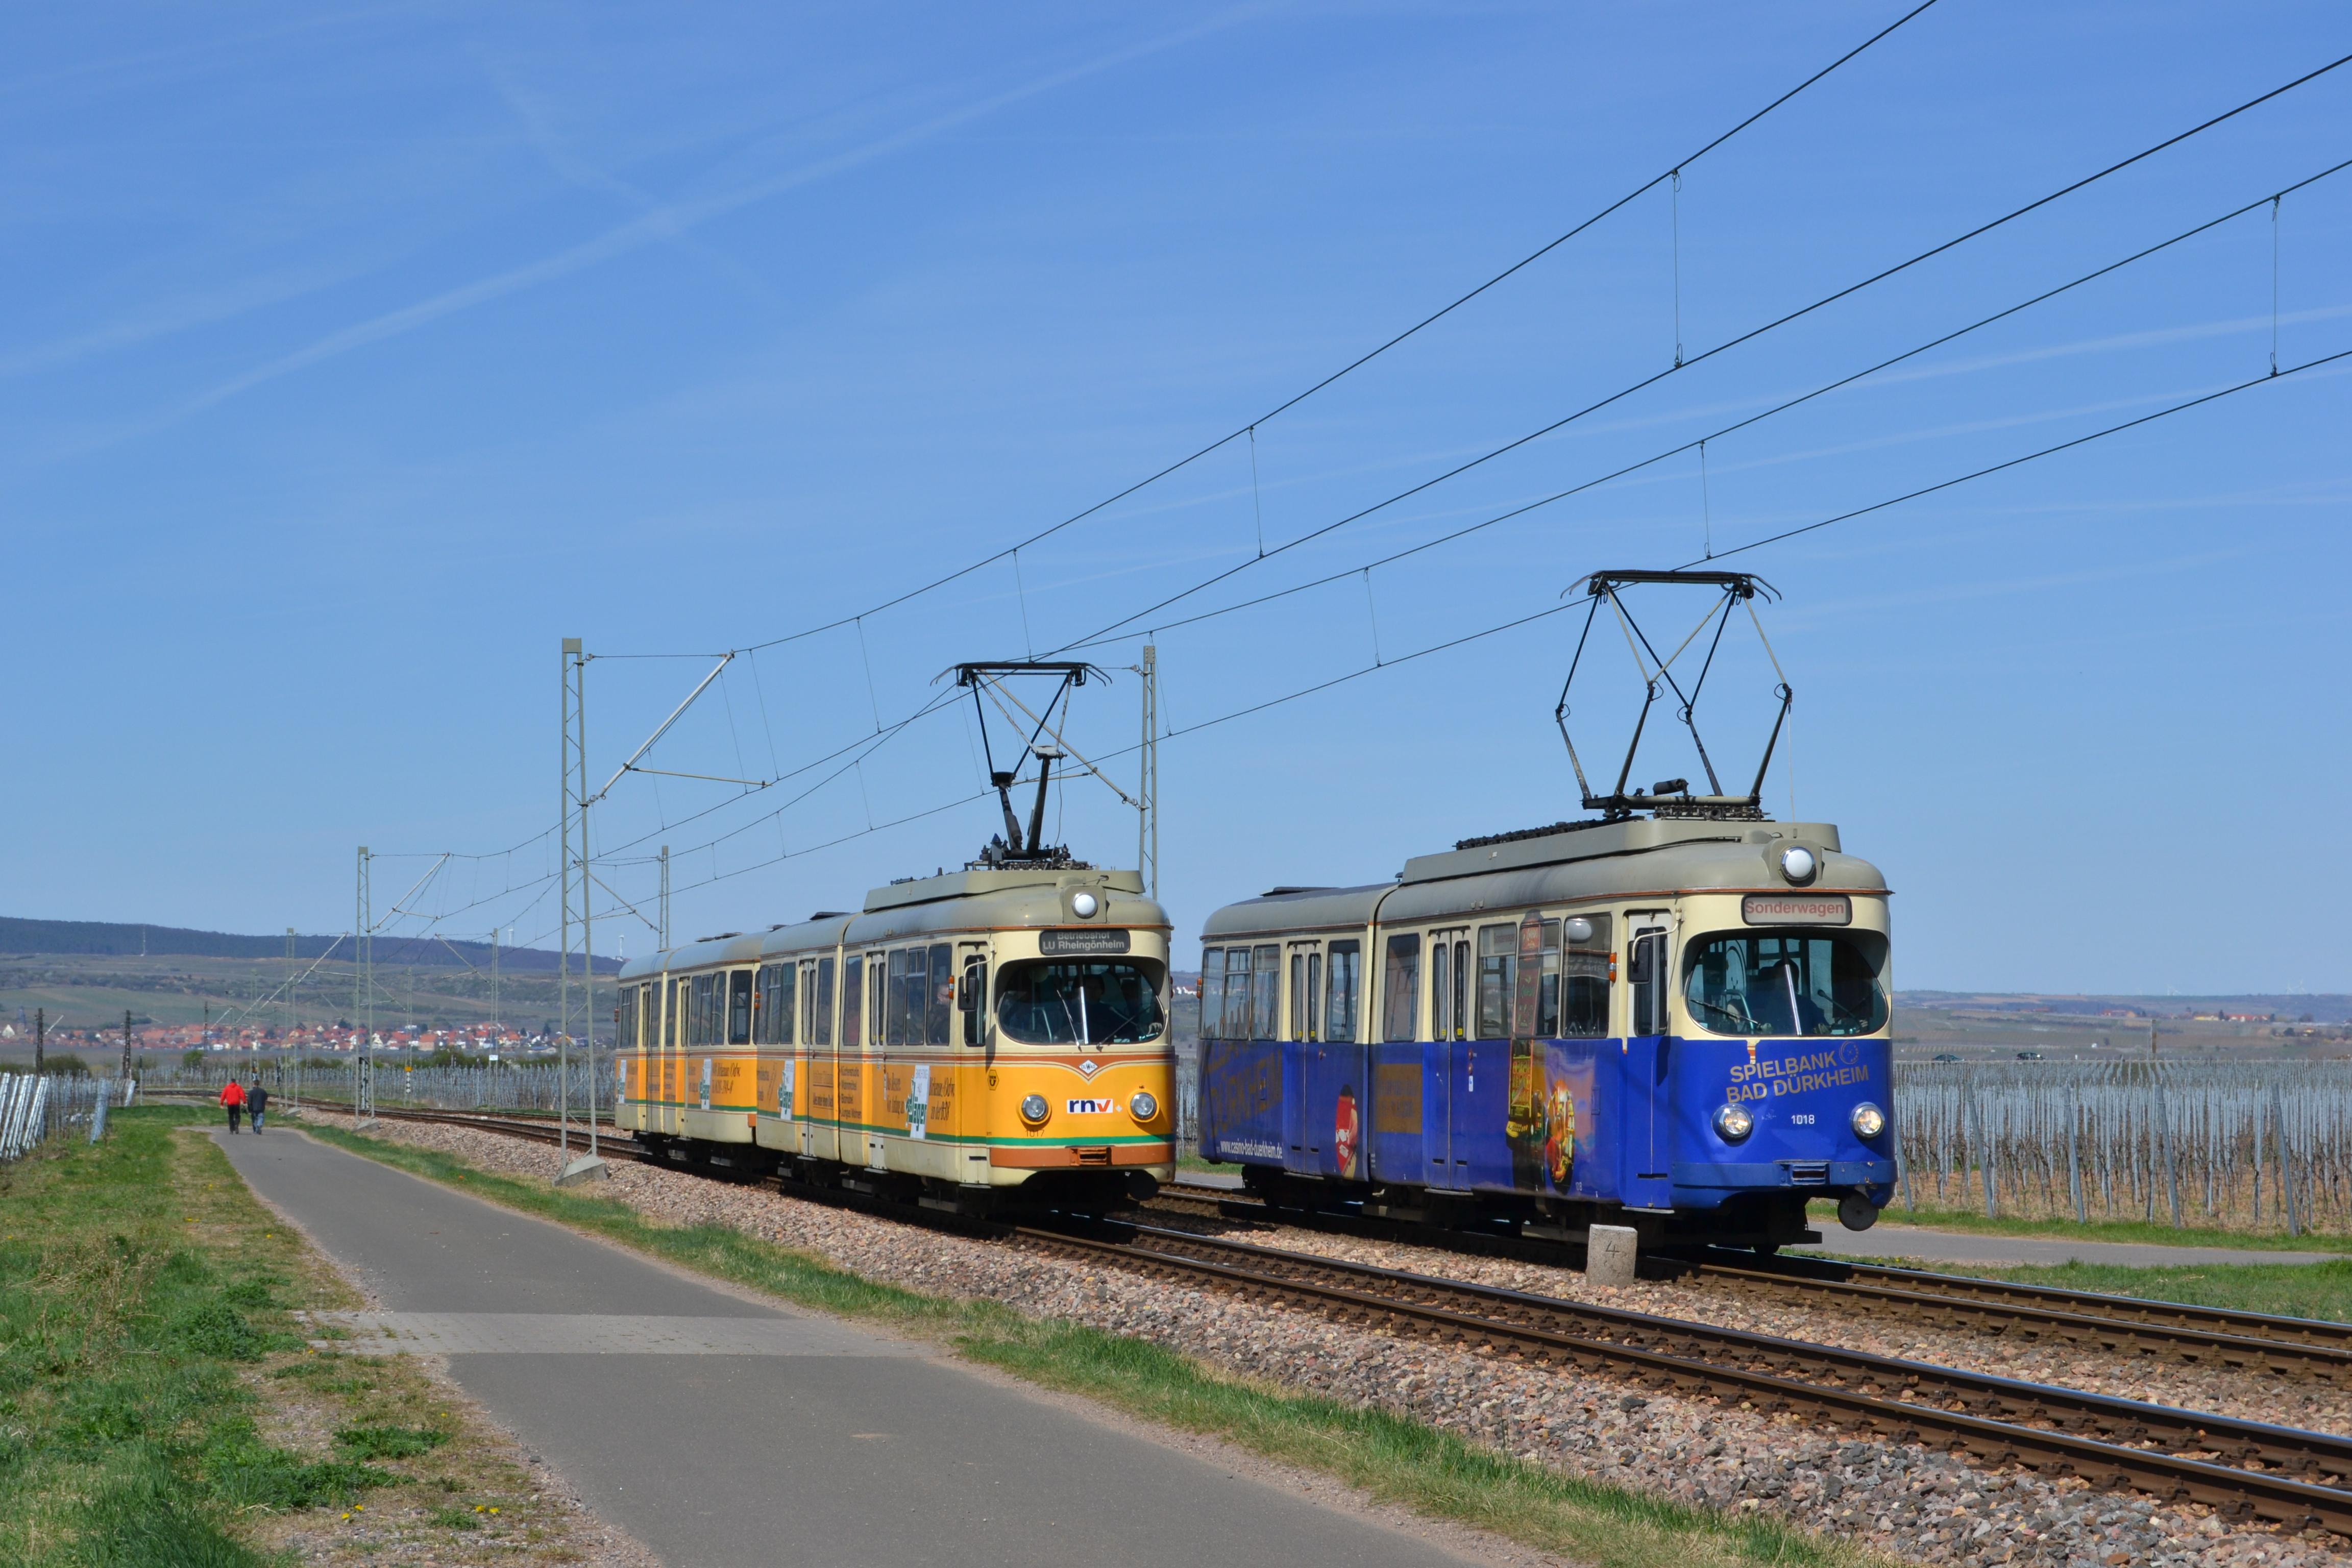 1017/1057 + 1018 Parallelfahrt